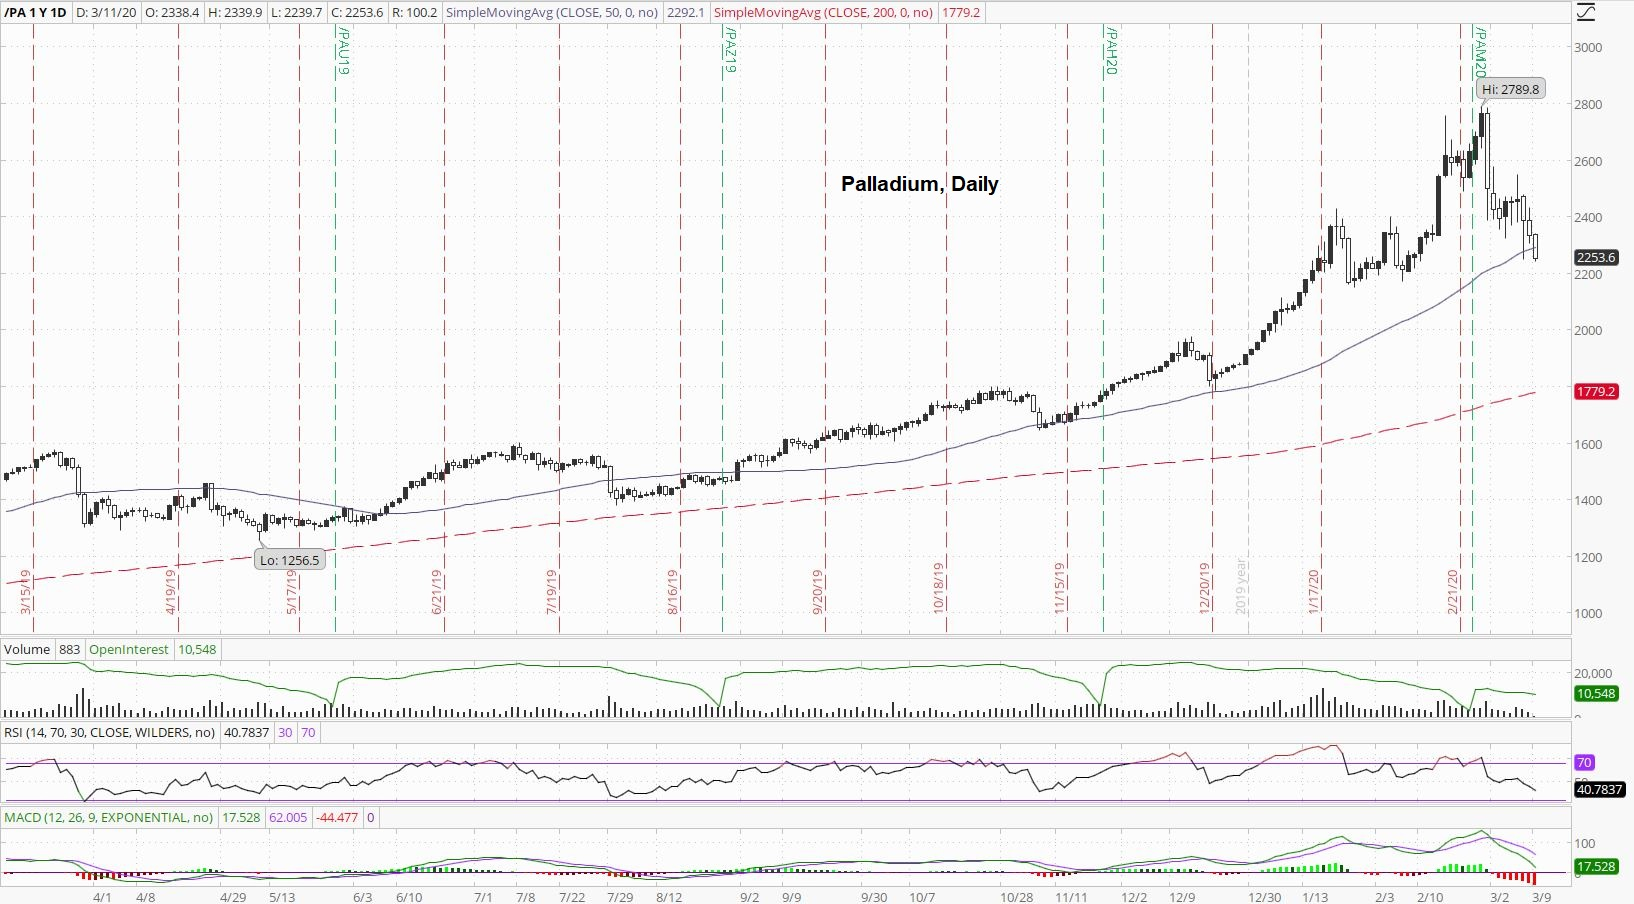 Palladium Daily Index